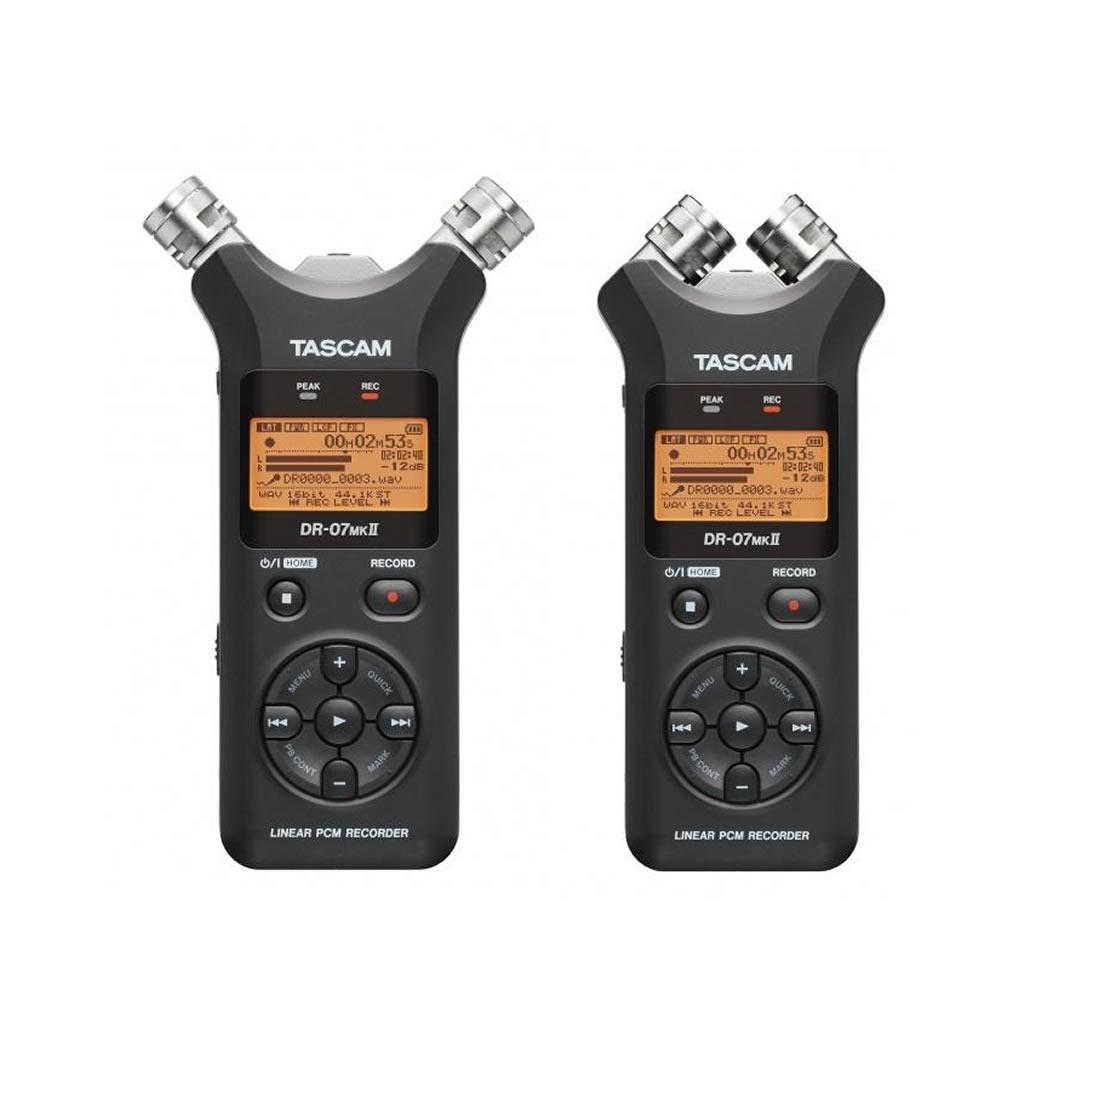 Tascam DR-07 MK II Gravador Digital de Áudio Voz, Preto